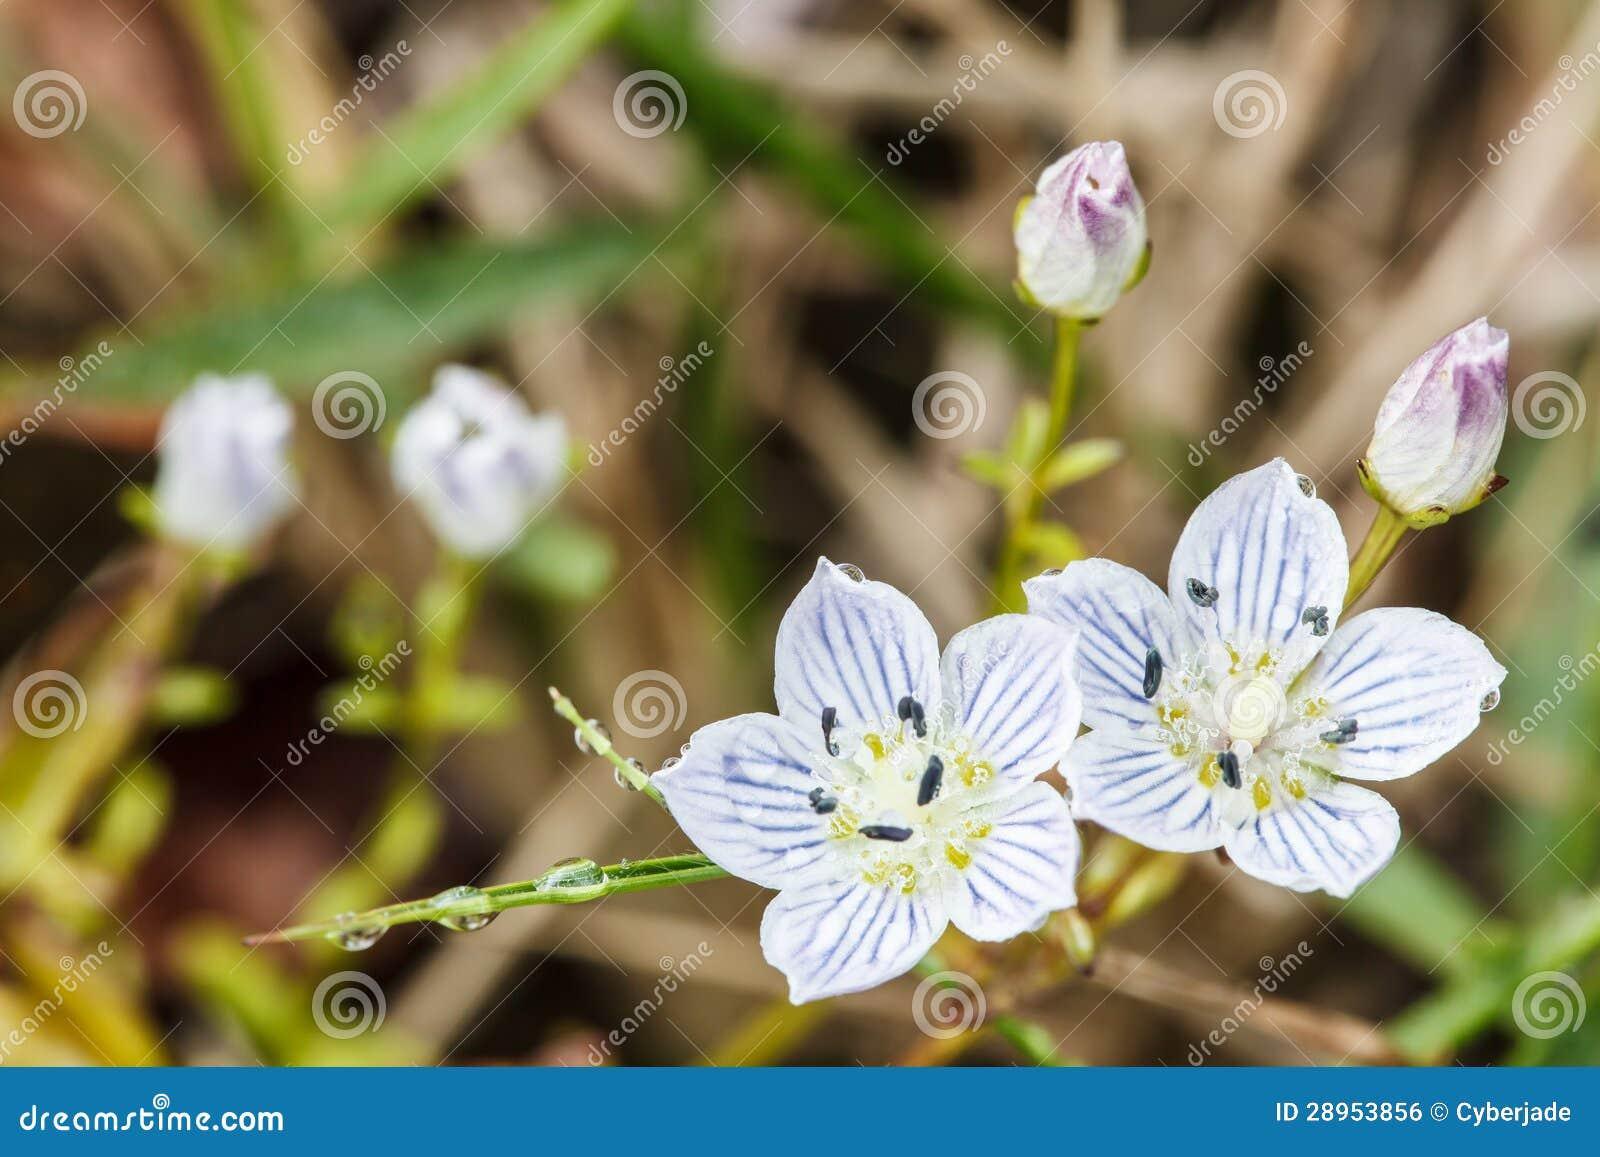 Szarotka wysokogórscy kwiaty